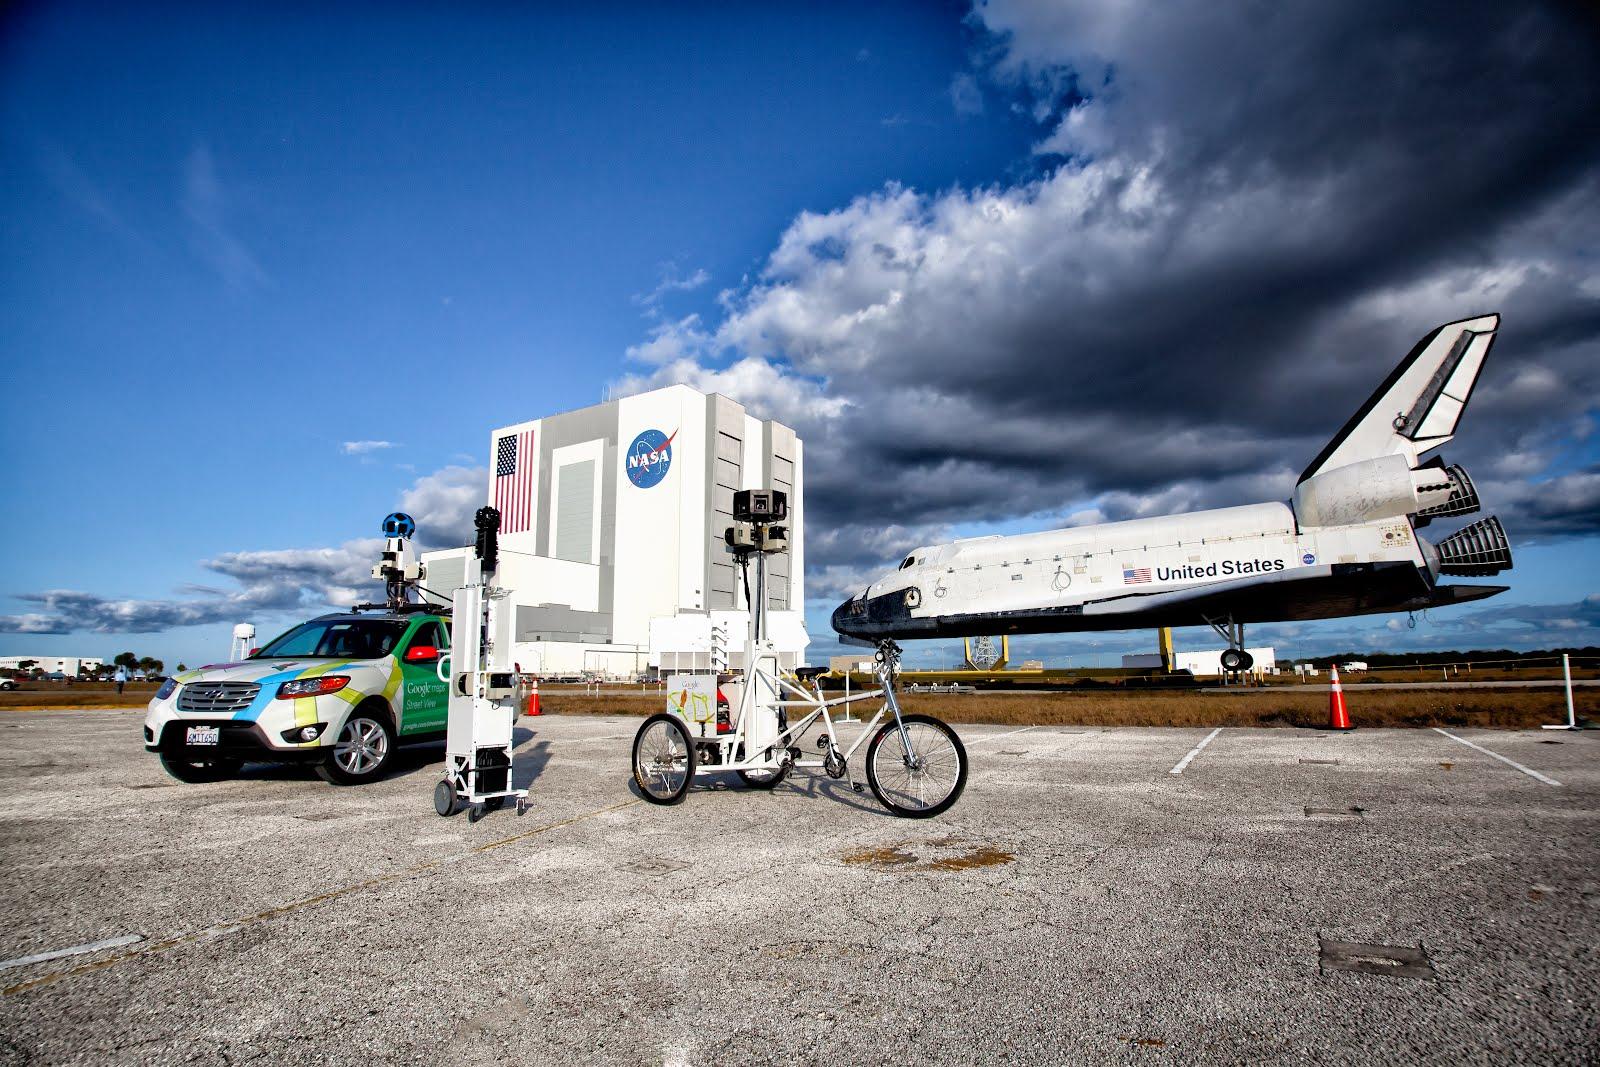 Google Street View revela detalhes do Centro Espacial Kennedy (Foto: Divulgação/Google)